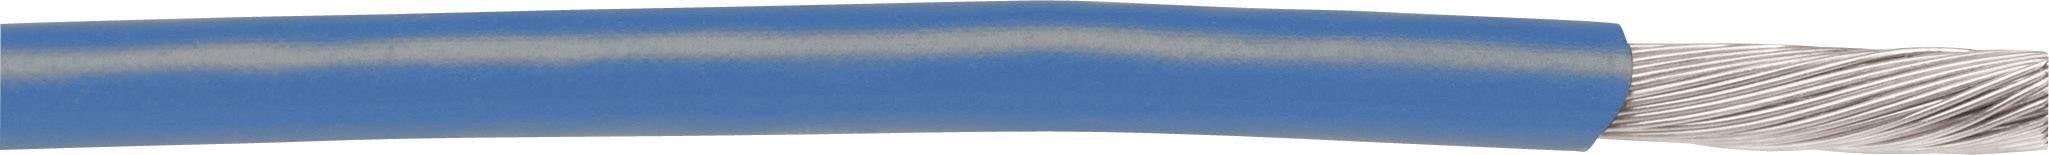 Opletenie / lanko AlphaWire 6711 EcoWire, 1 x 0.13 mm², vonkajší Ø 0.97 mm, 30.5 m, modrá